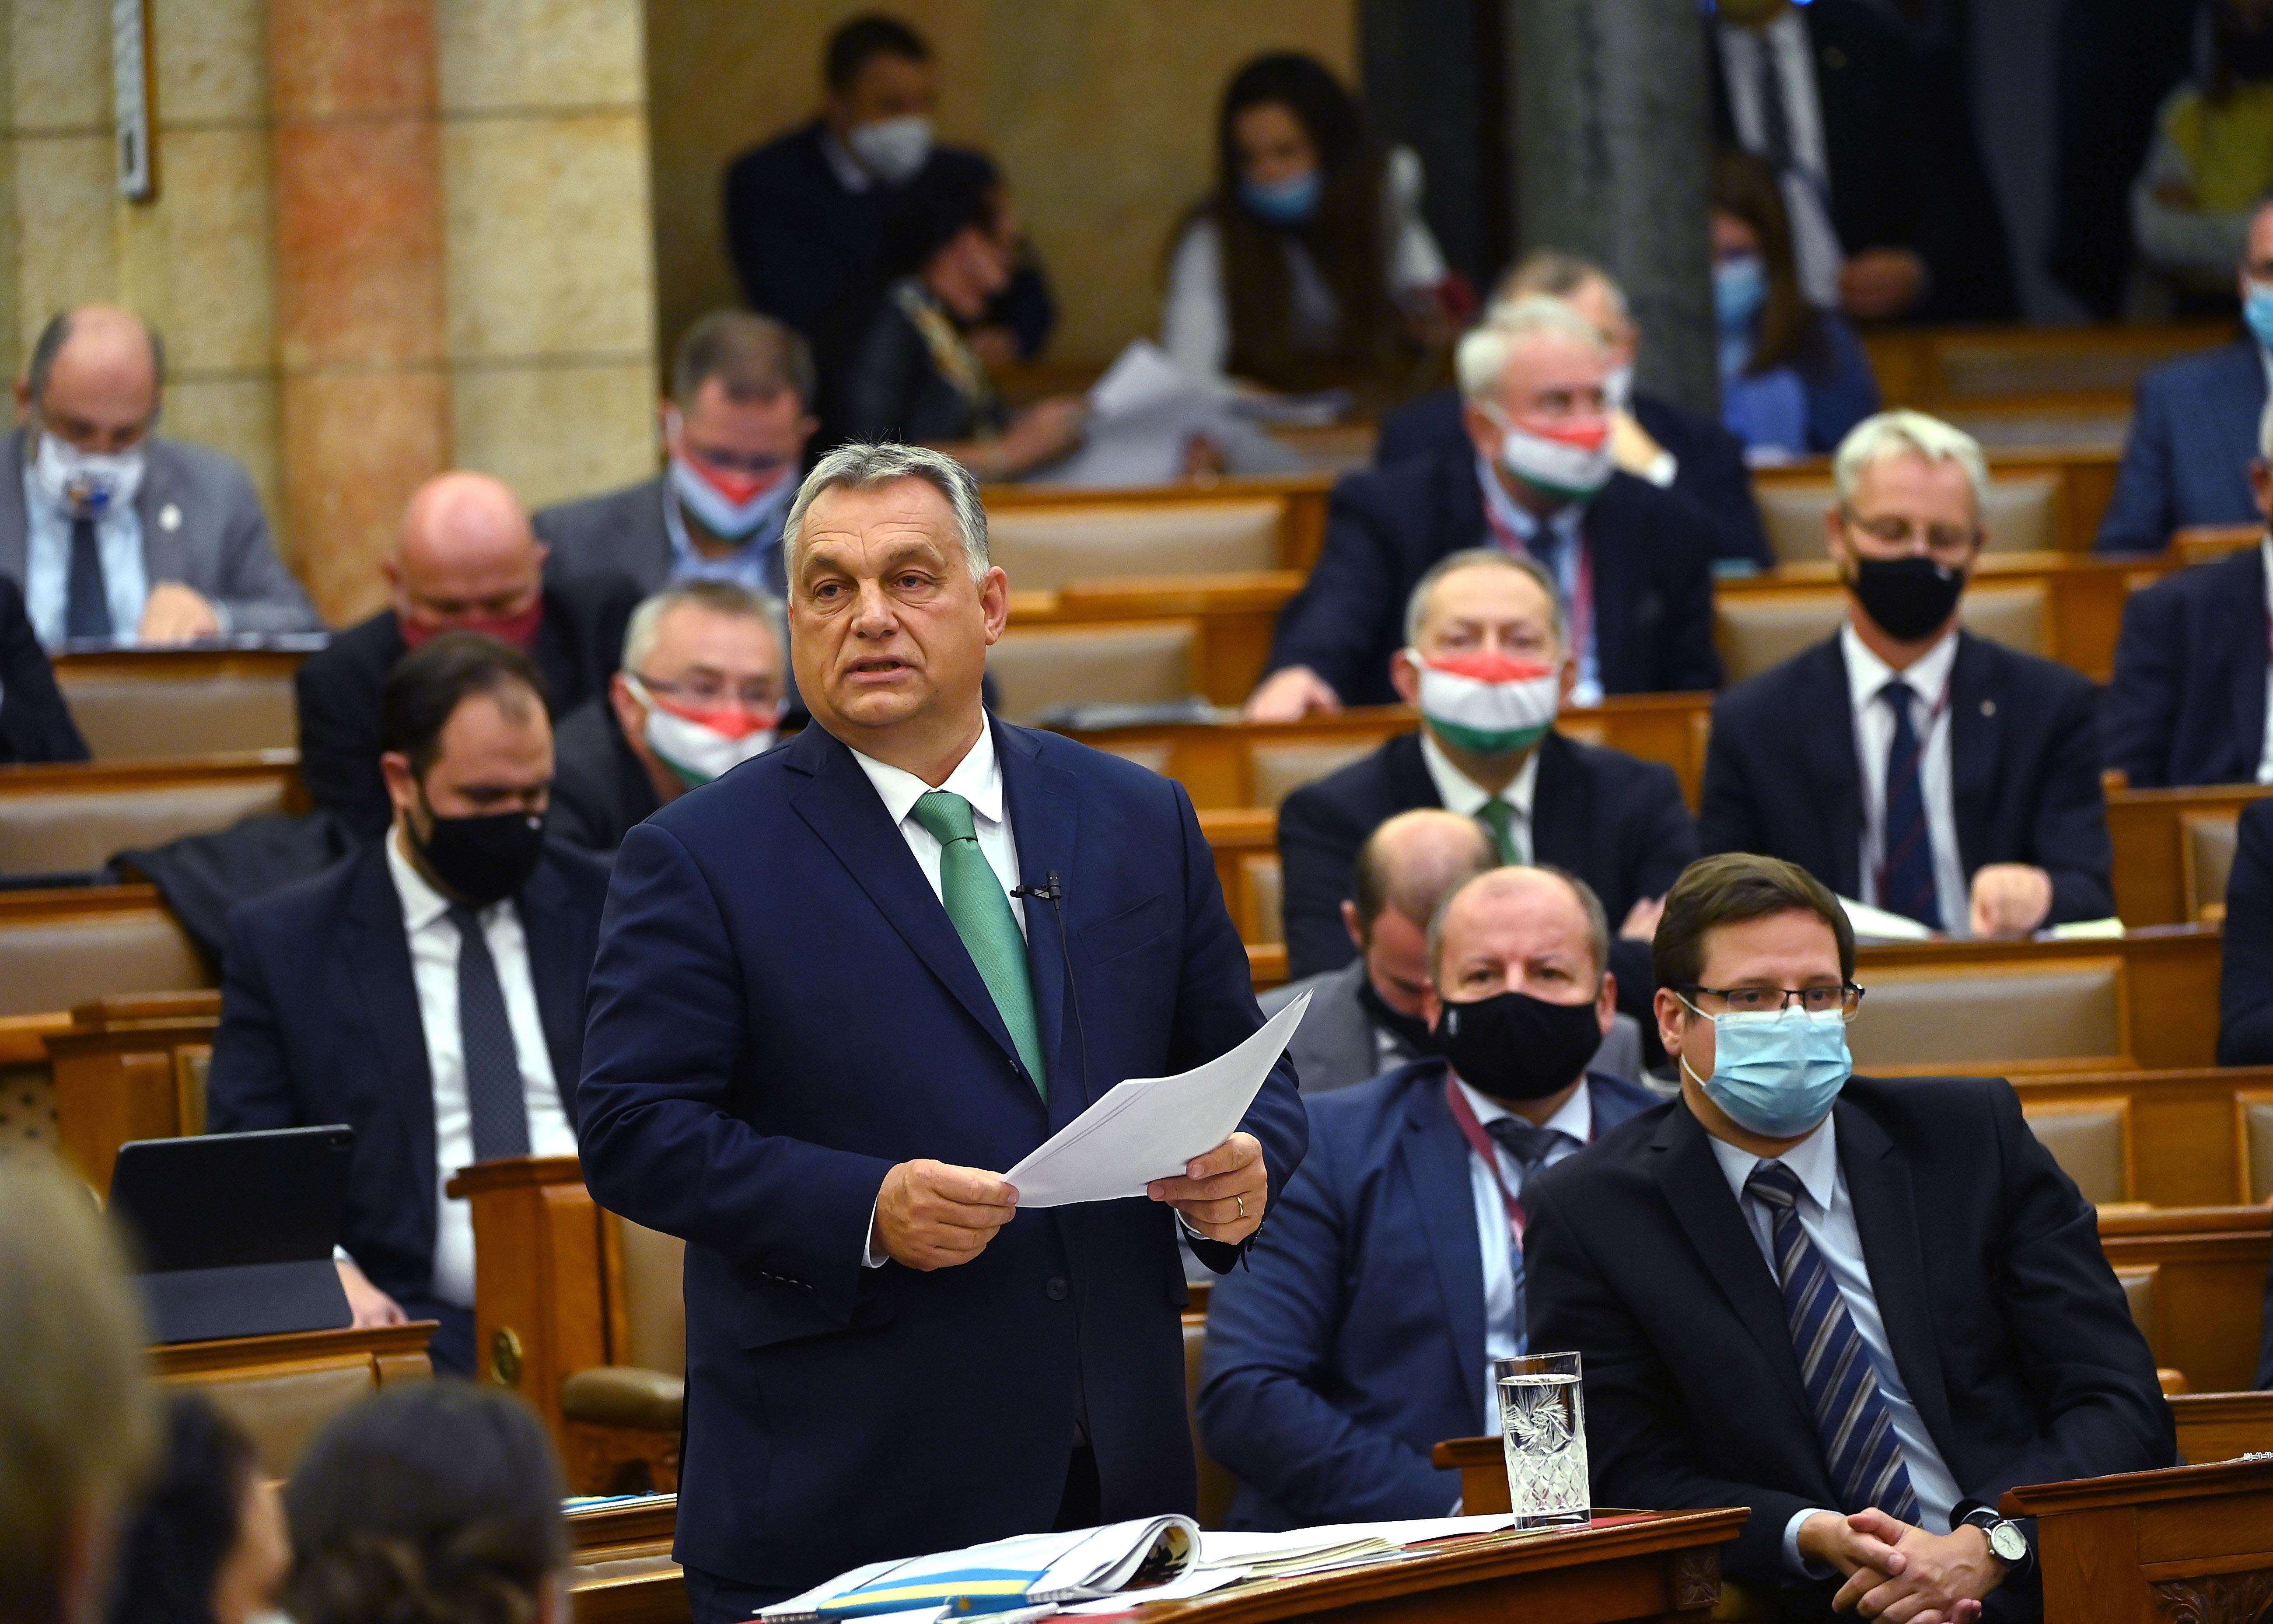 A Parlamentben kérdezték Orbánt, aki szinte mindenre azt felelte, hogy az ellenzék állítsa le az oltásellenes kampányát